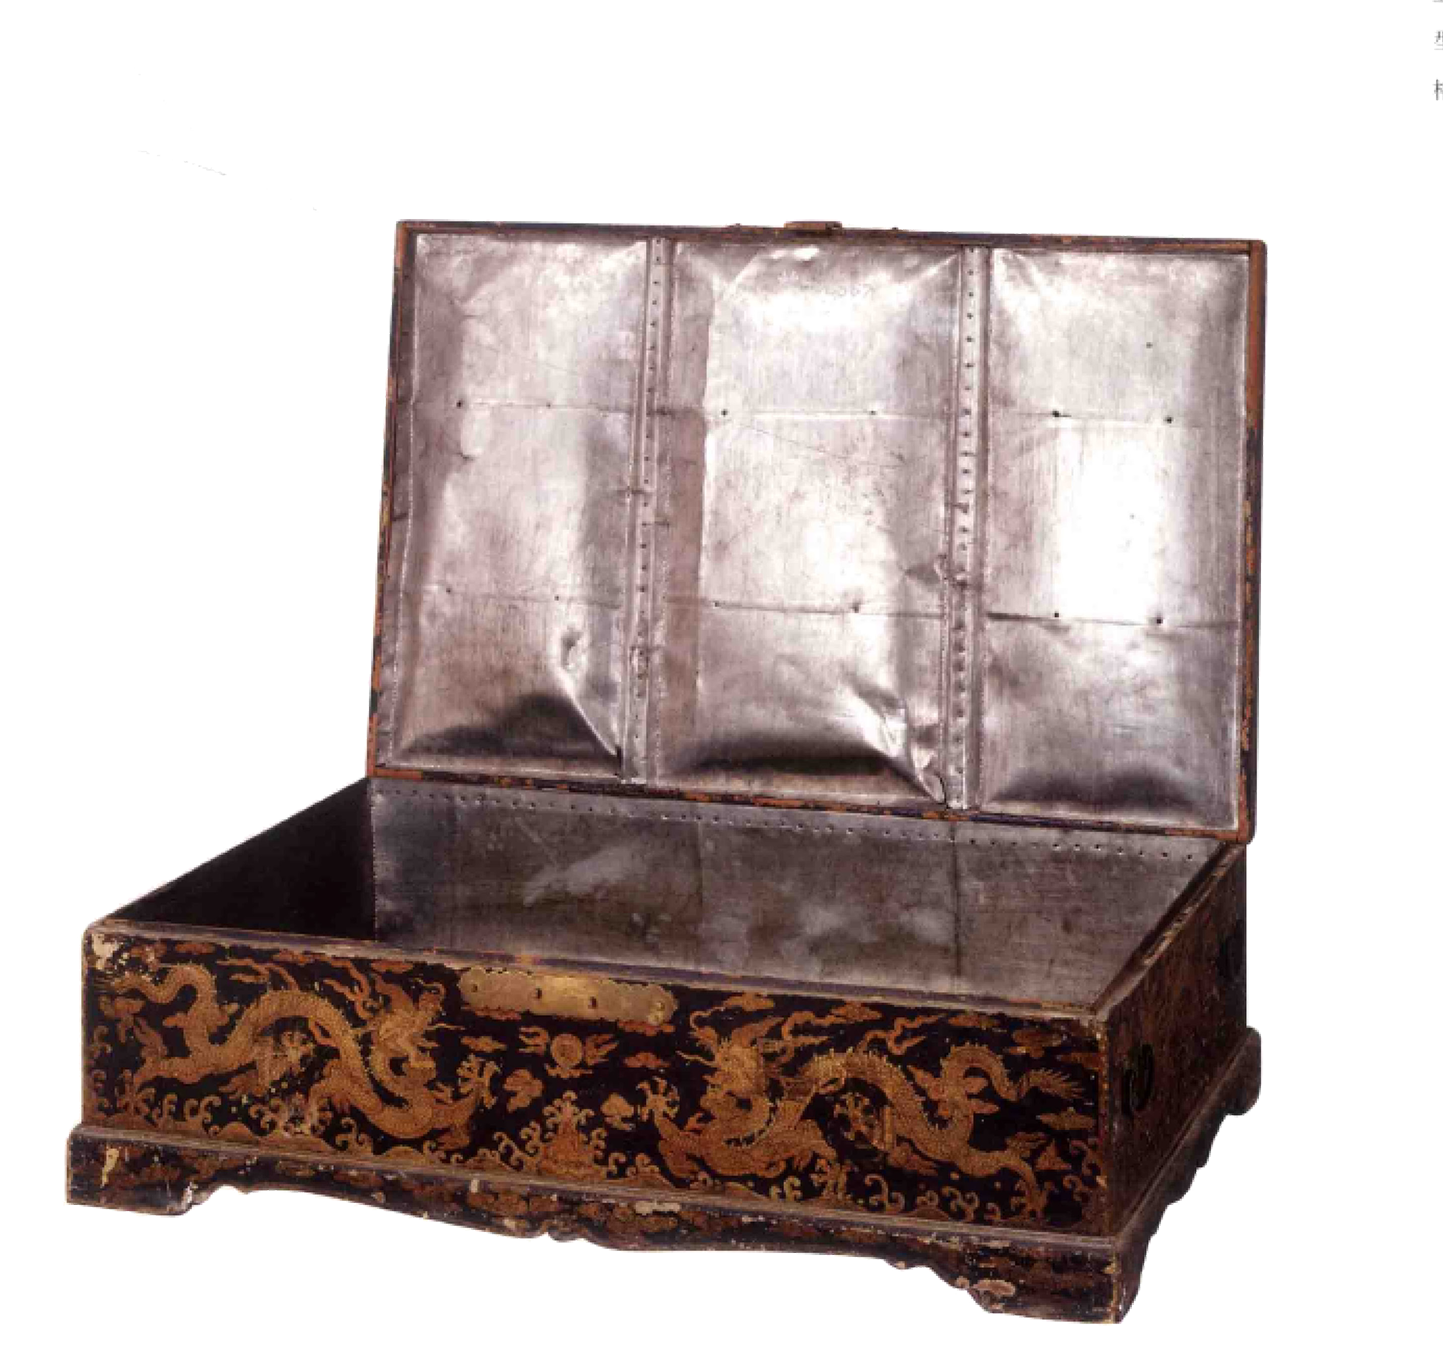 故宫文化经典之彩绘家具,皇帝的藏宝箱,箱子就是宝贝